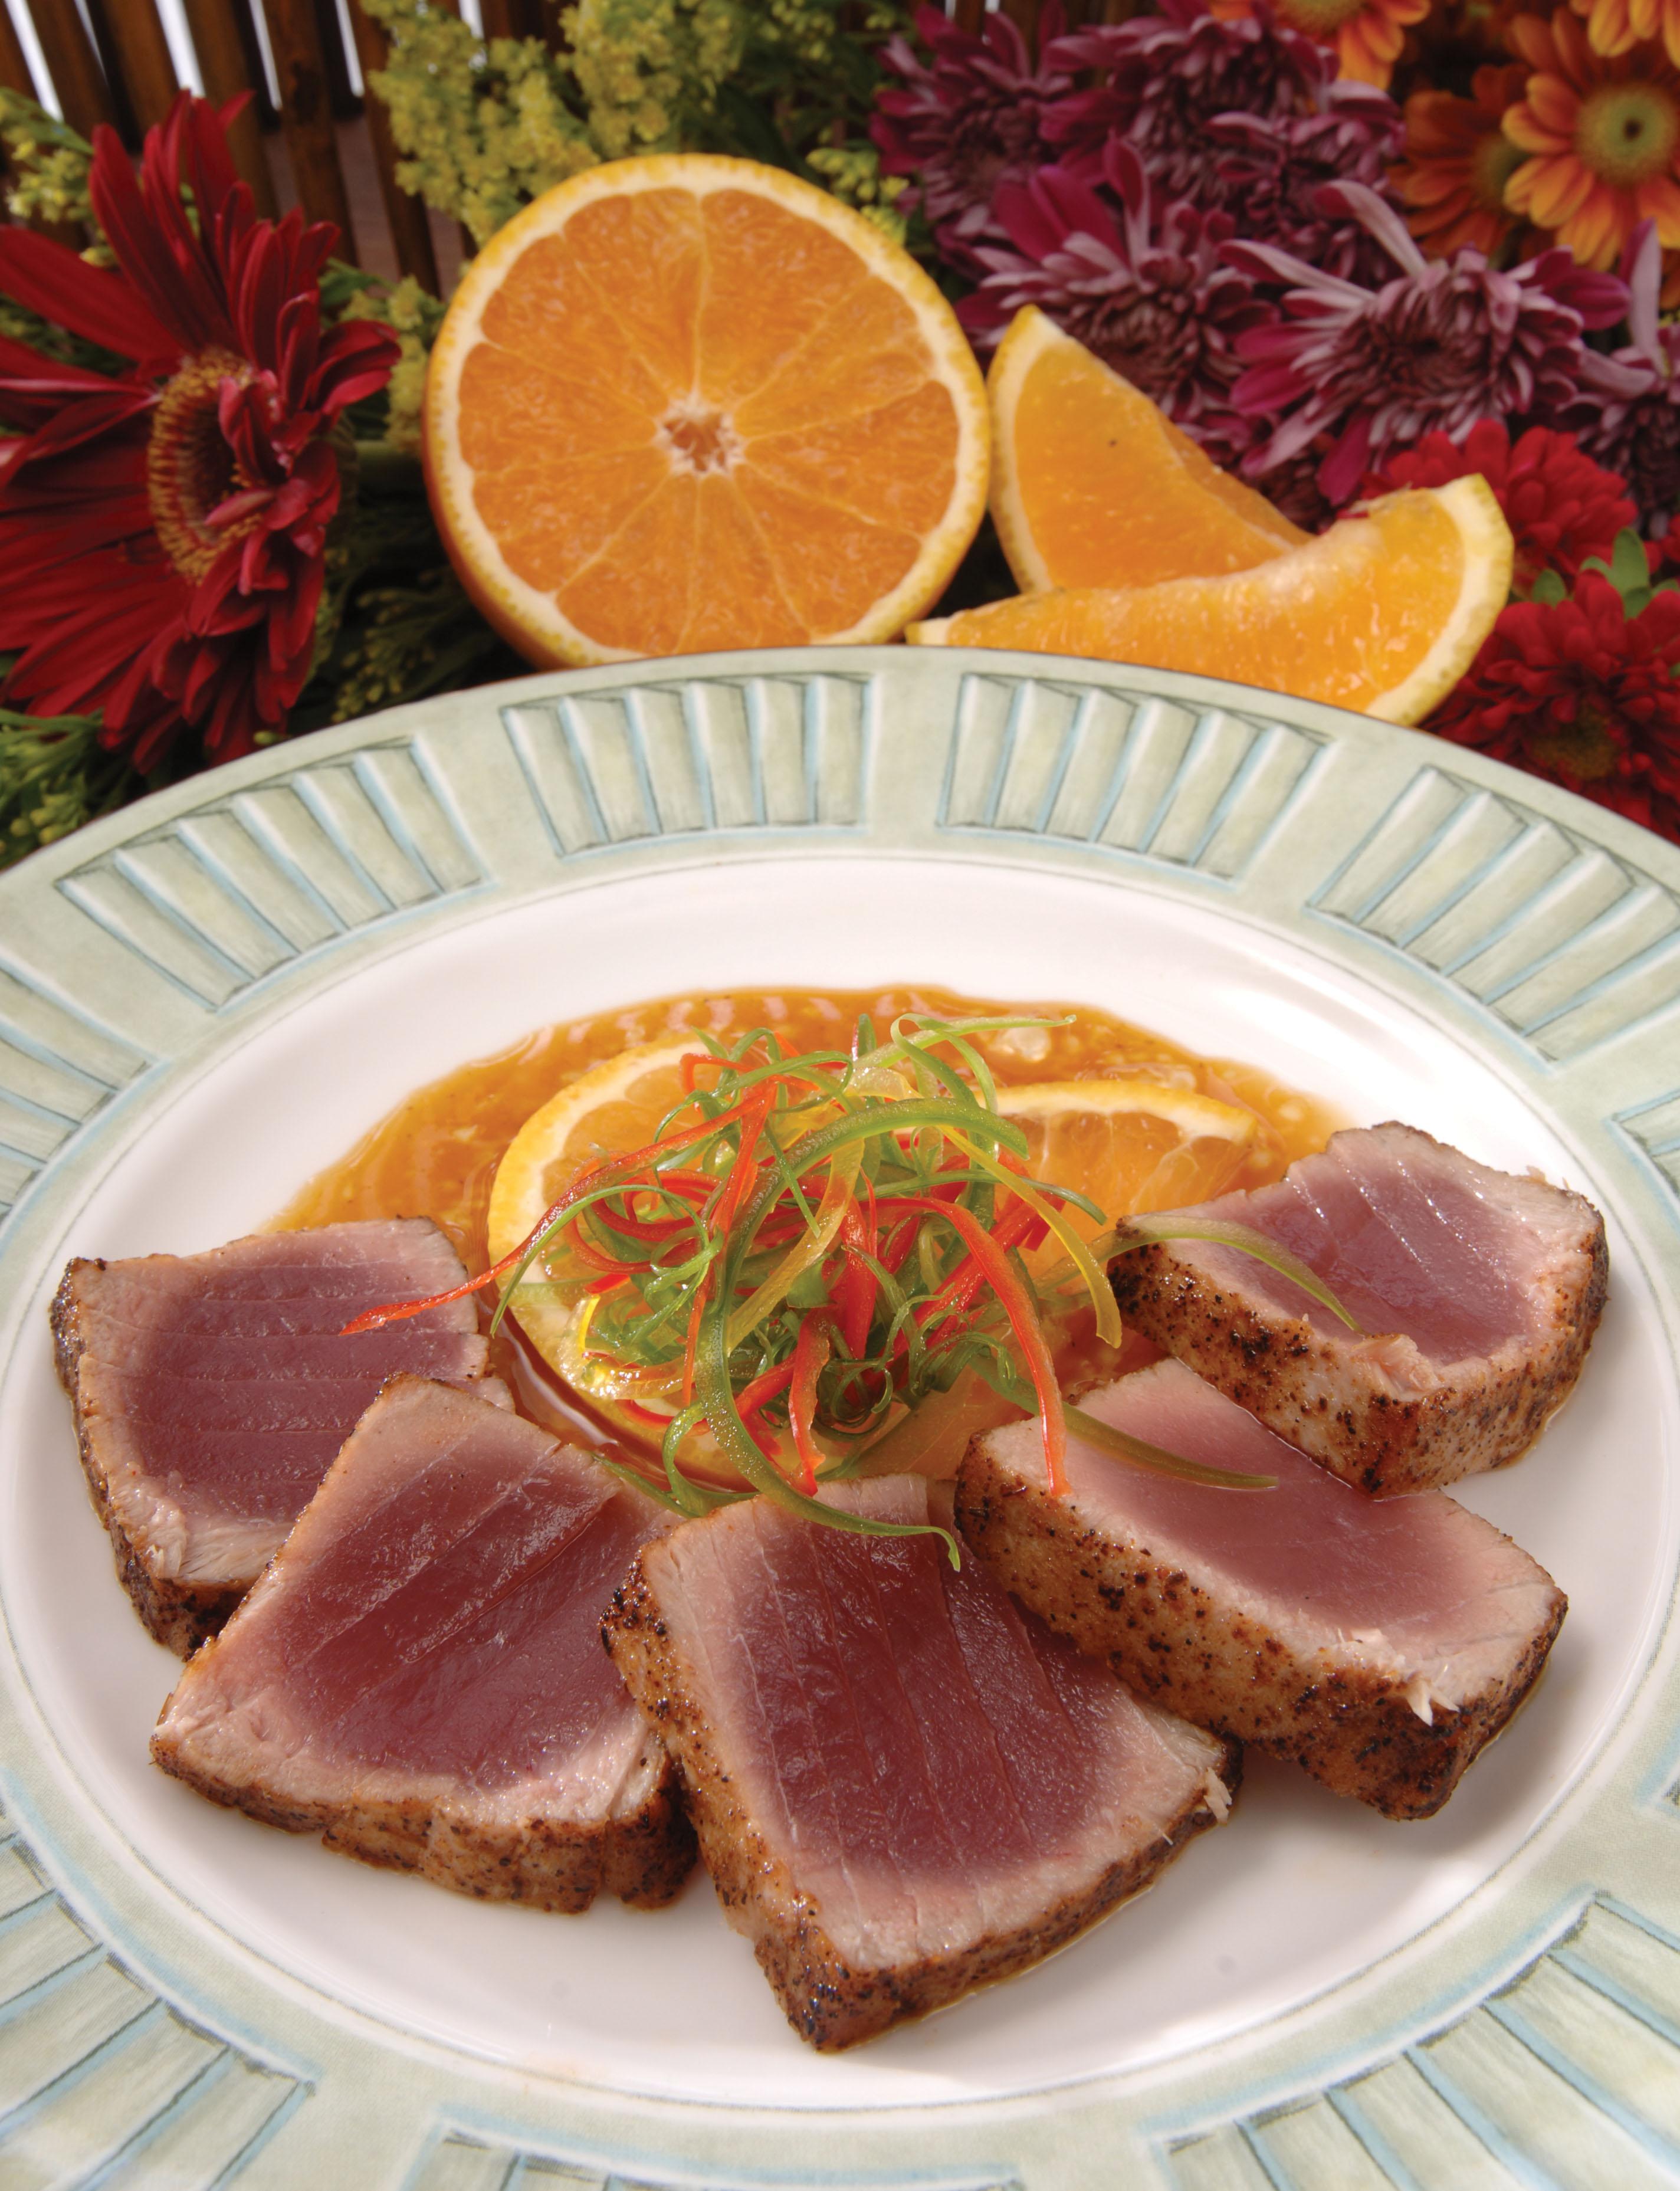 Seared Yellowfin Tuna with Orange Teriyaki